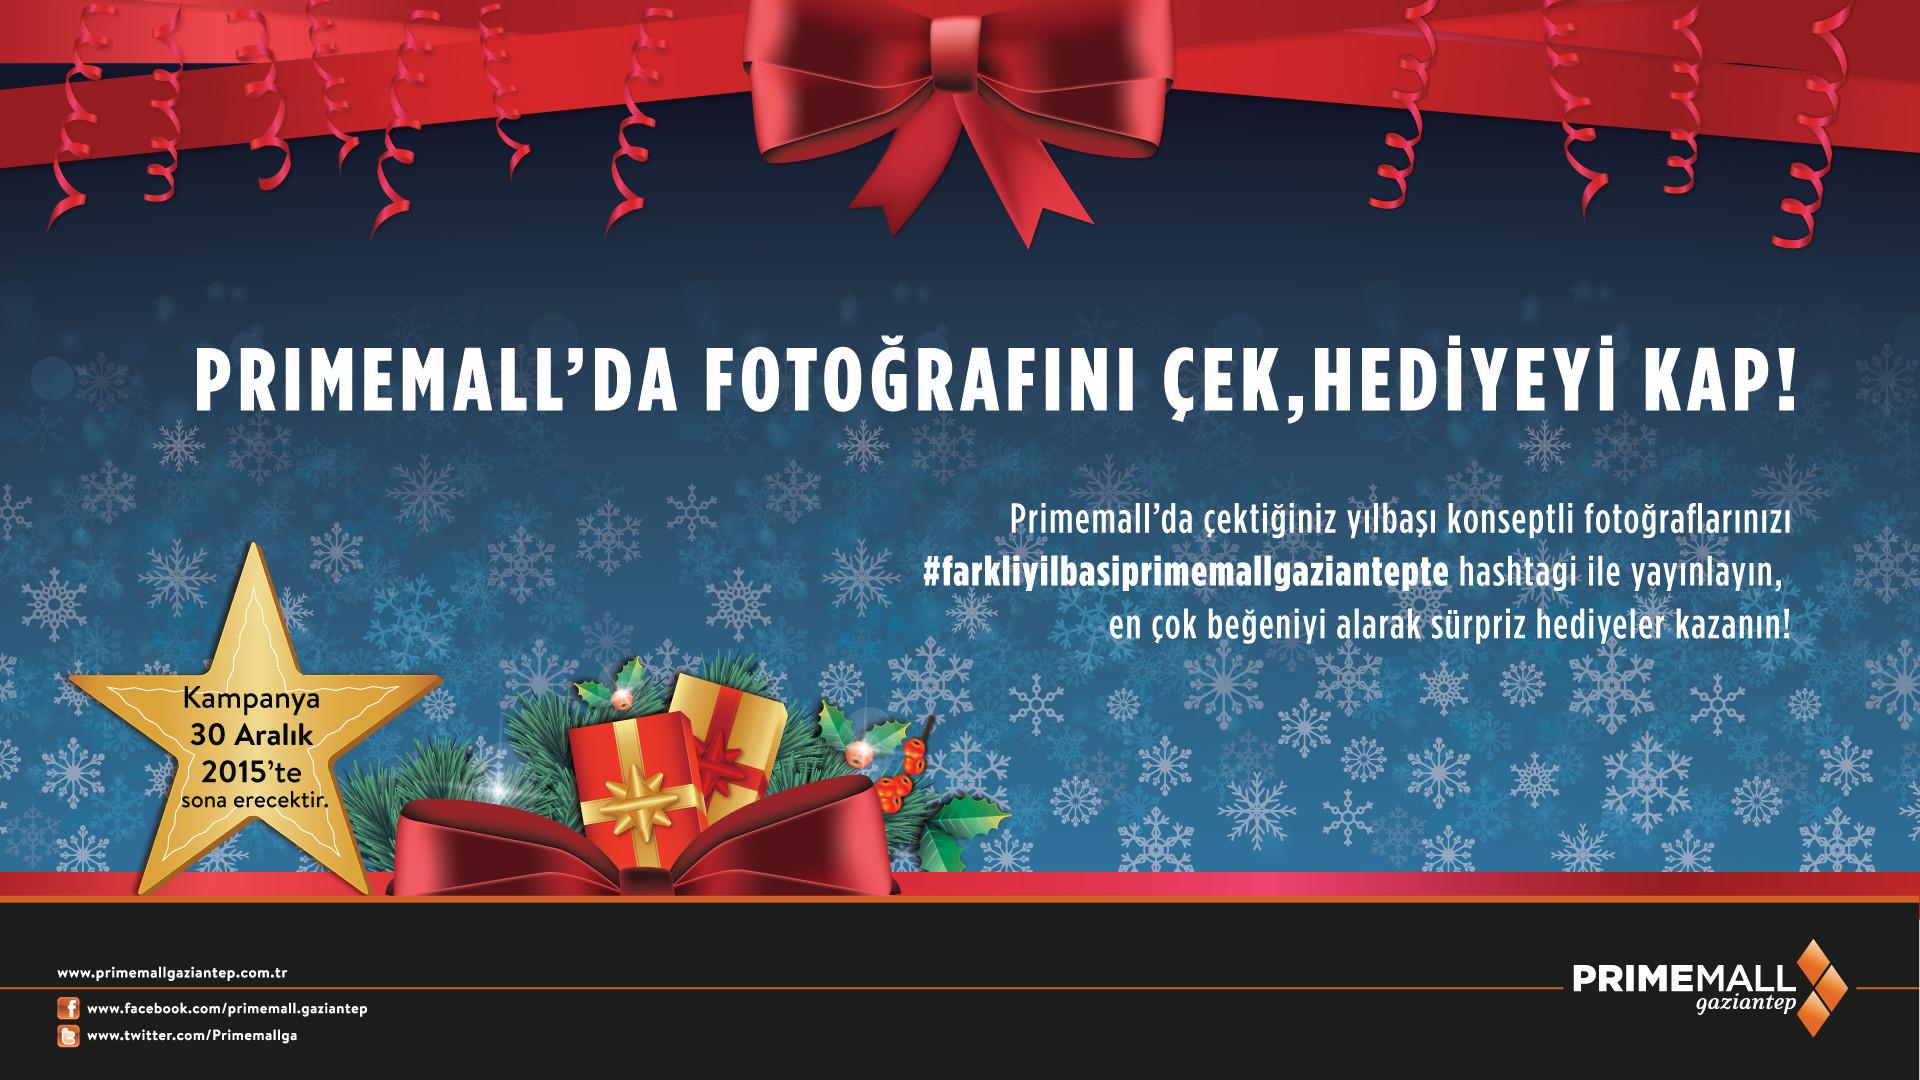 Primemall'da Fotoğrafını Çek, Hediyeyi Kap!